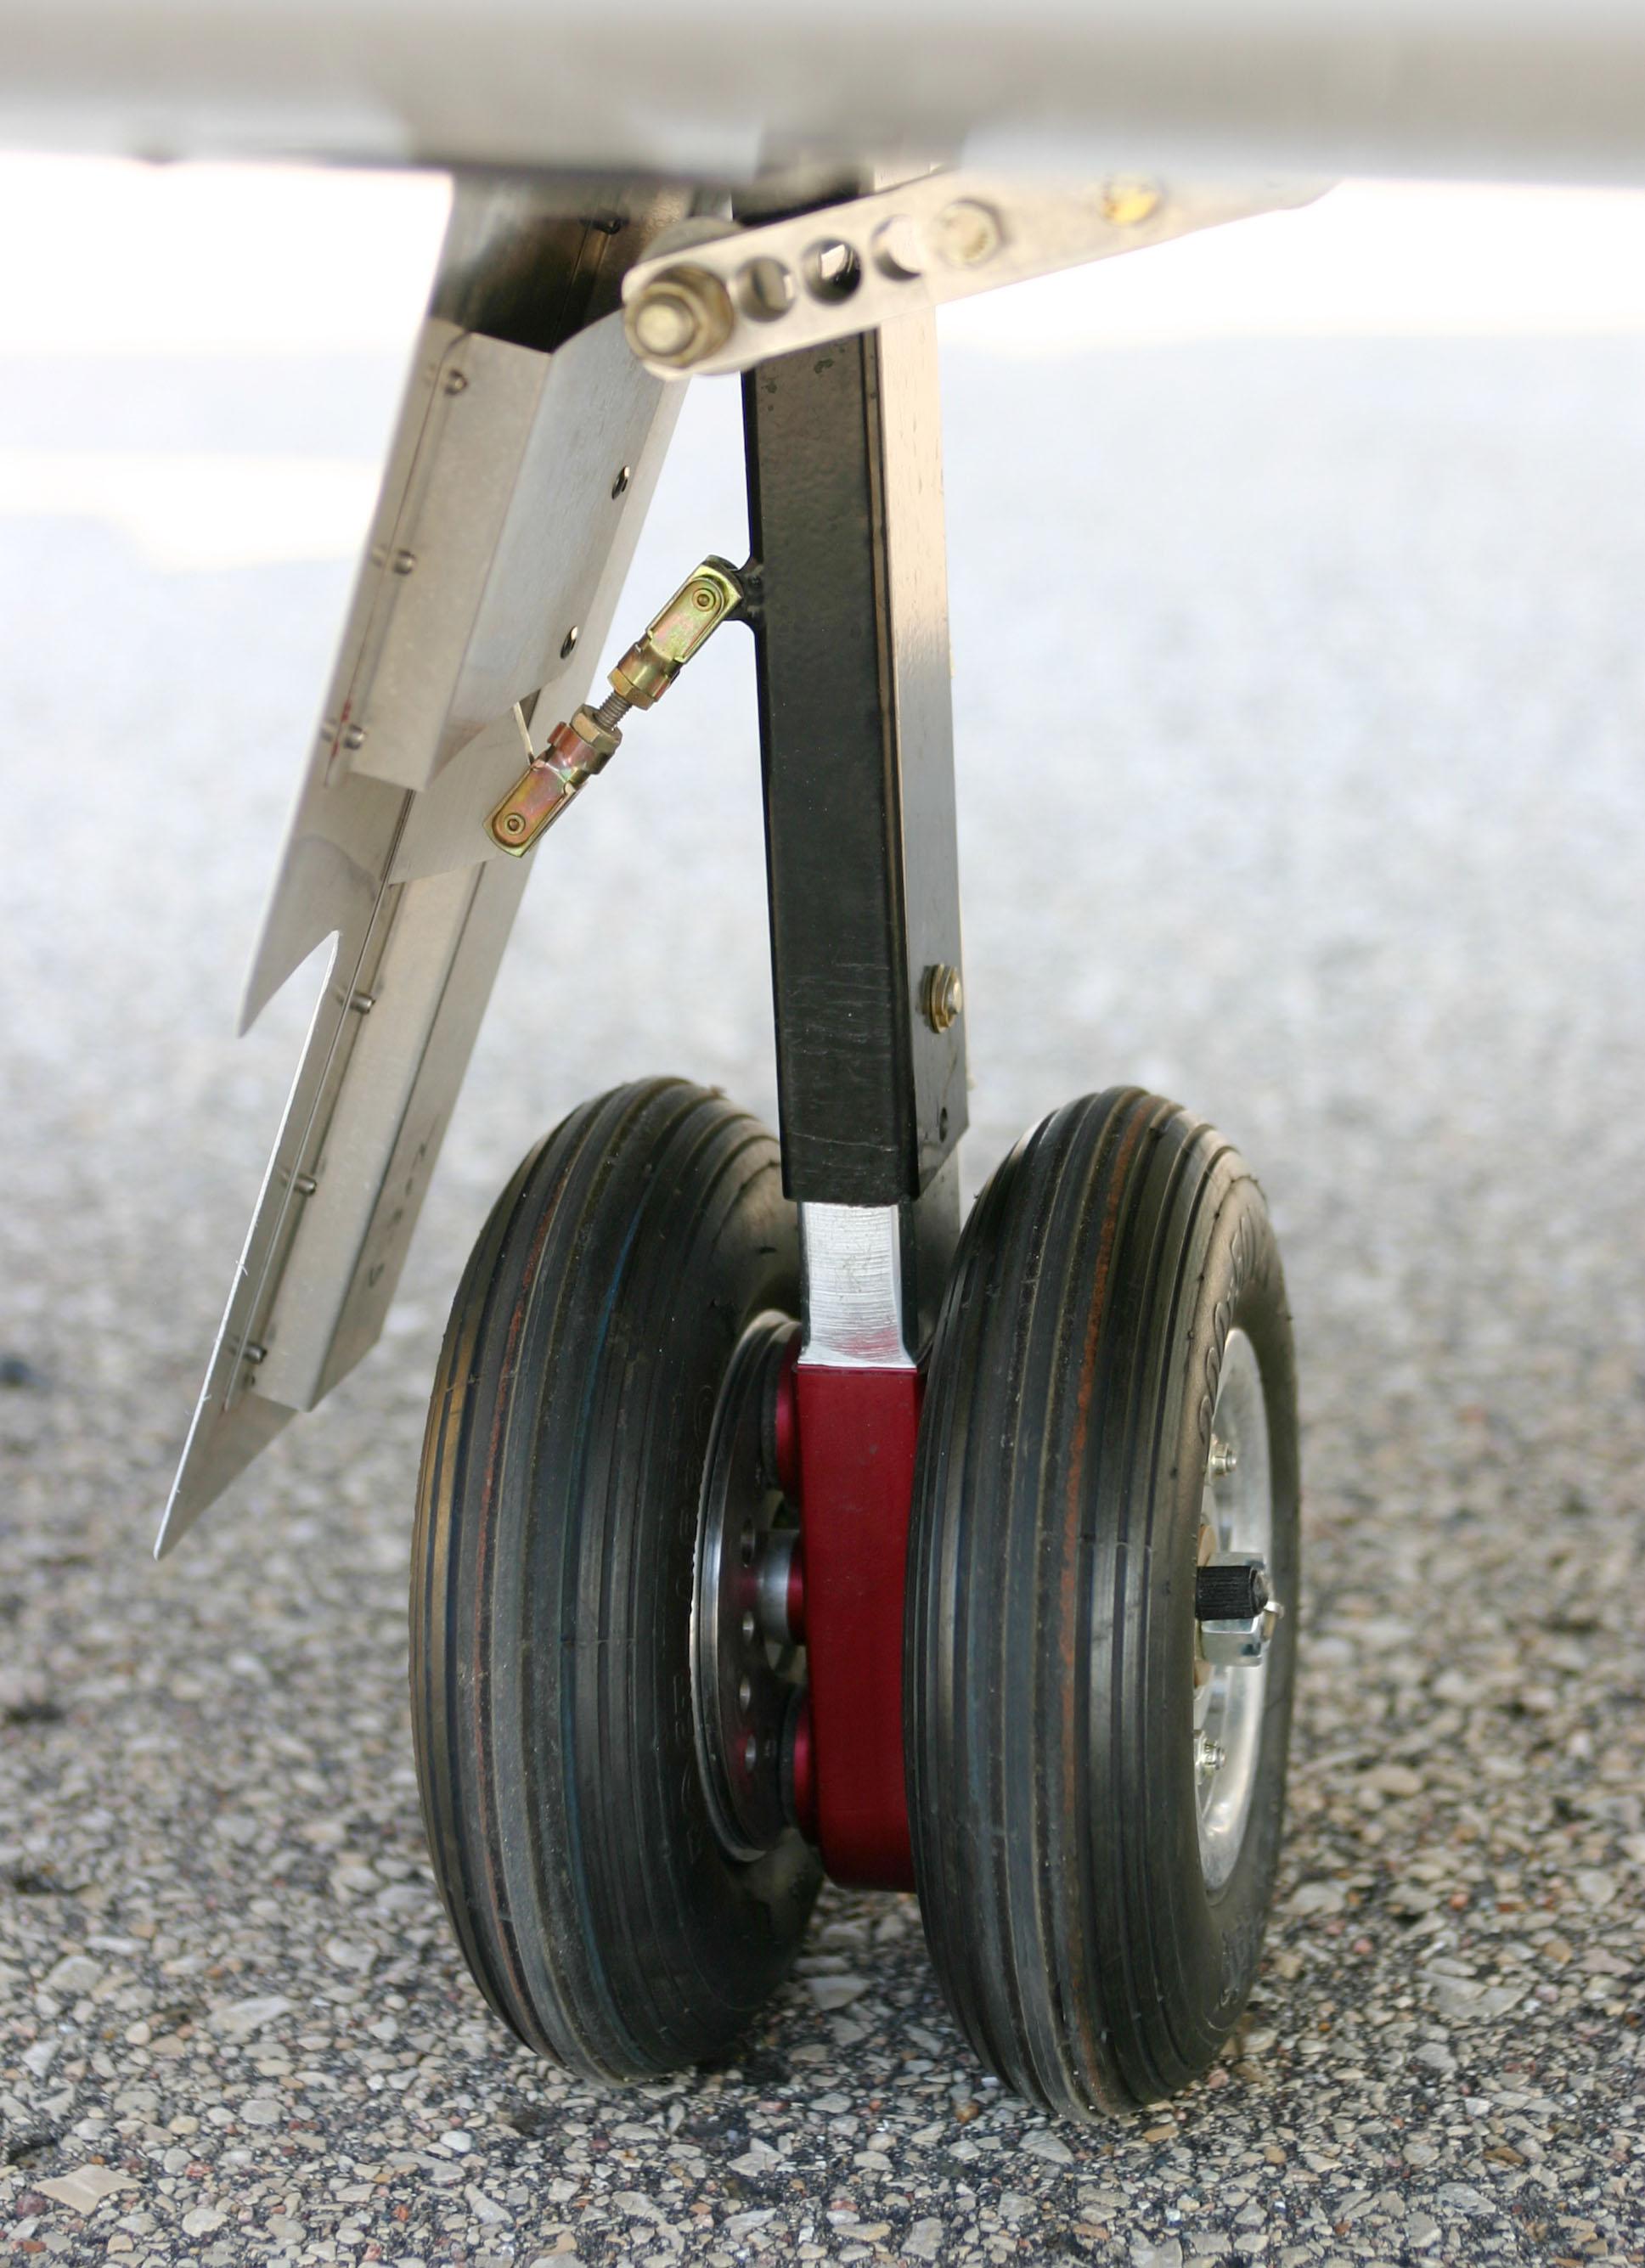 Retract Landing Gear Assembly : The subsonex kit sonex aircraft